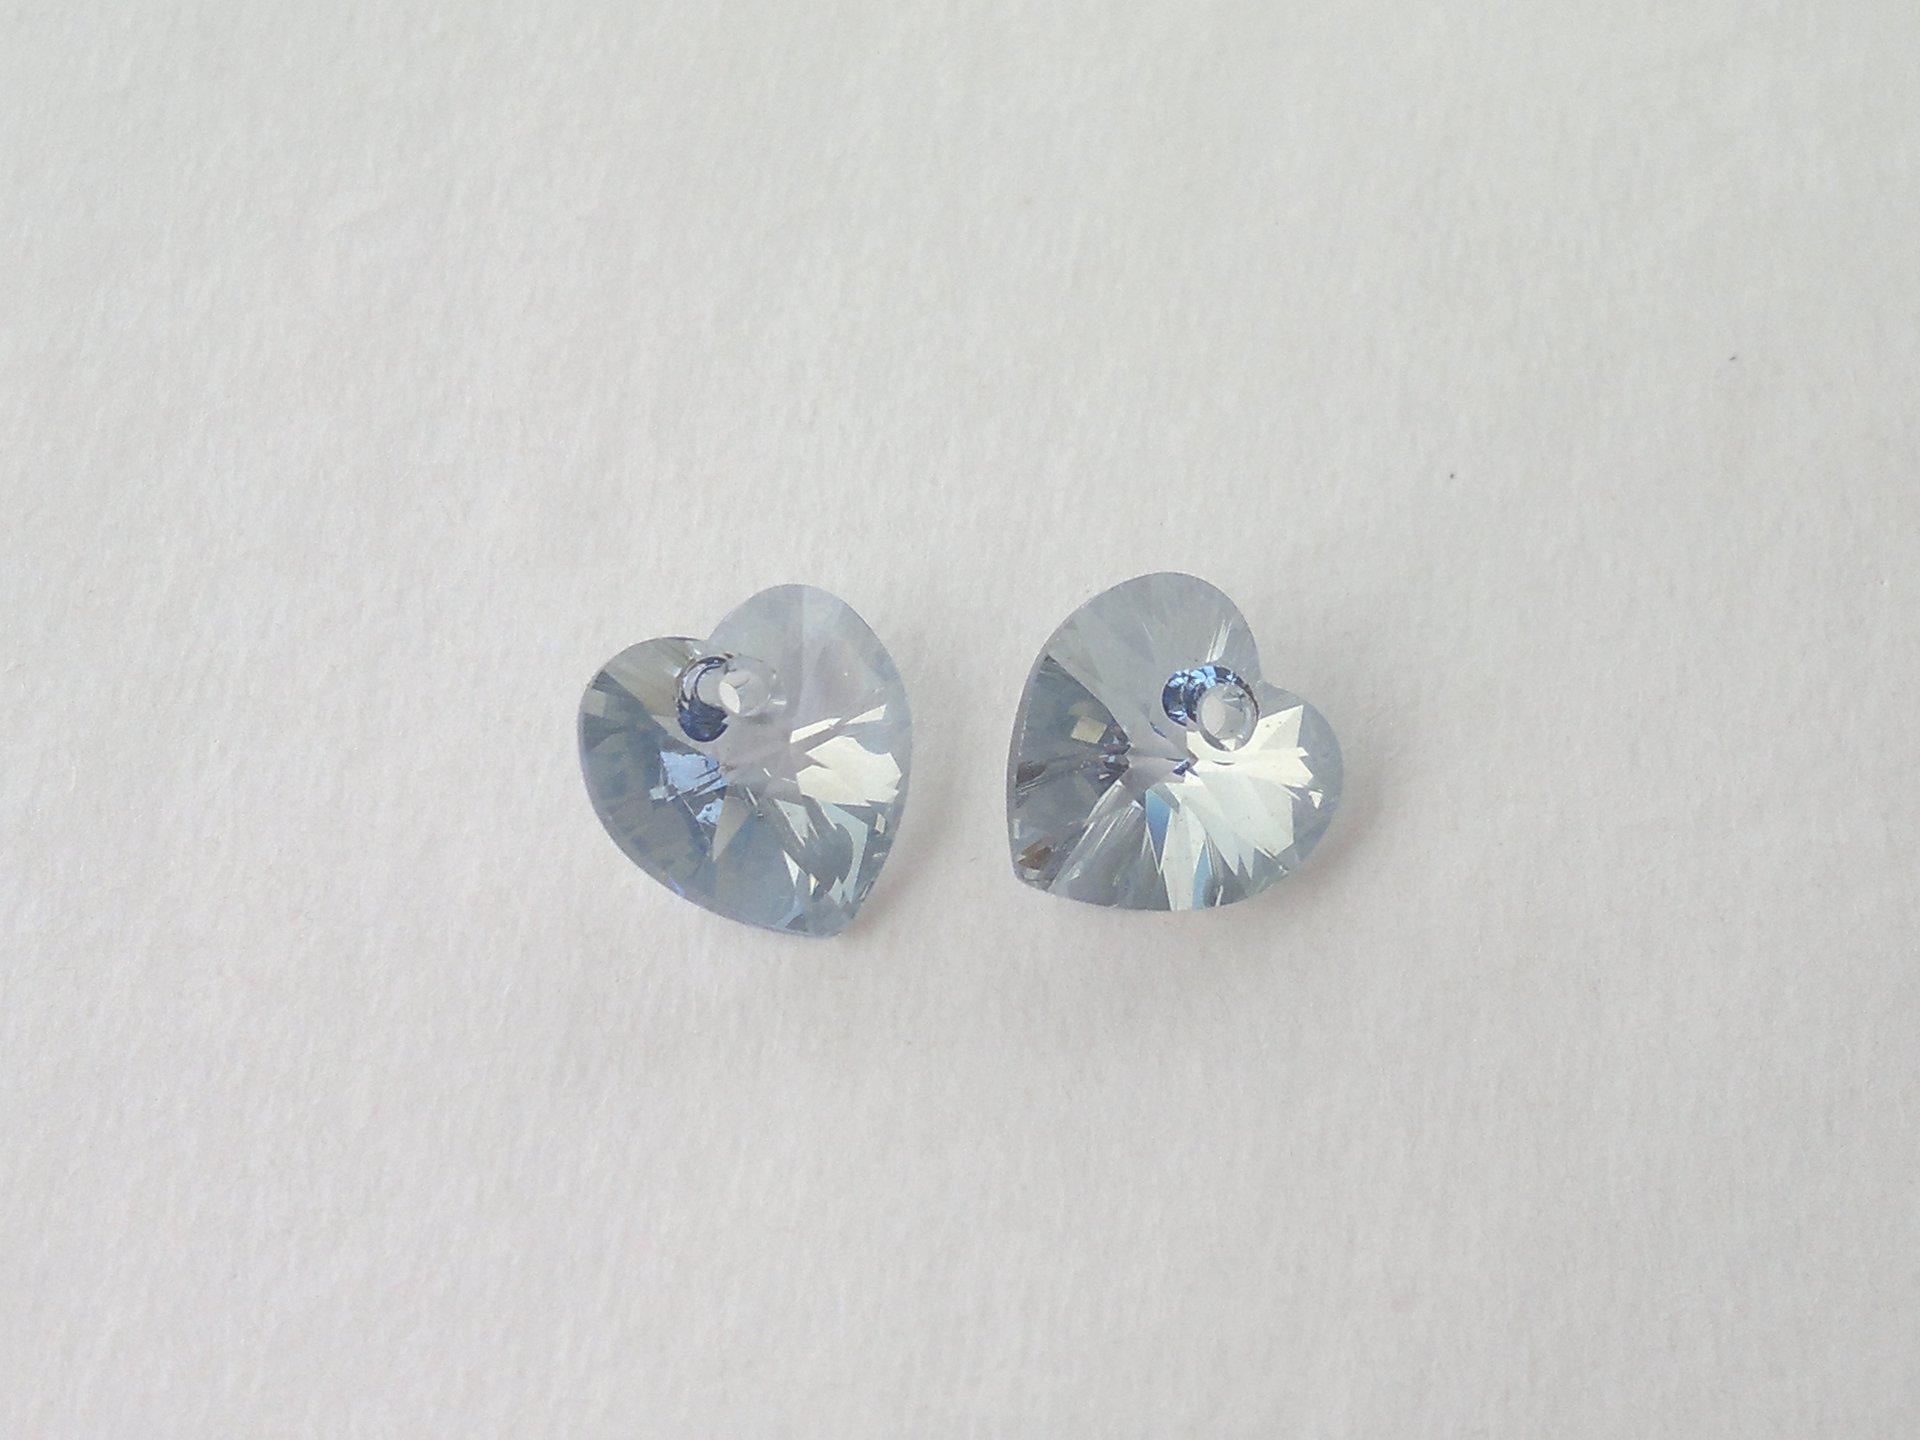 Přívěsek XILION srdce 10,3x10 mm, Swarovski, crystal blue shade